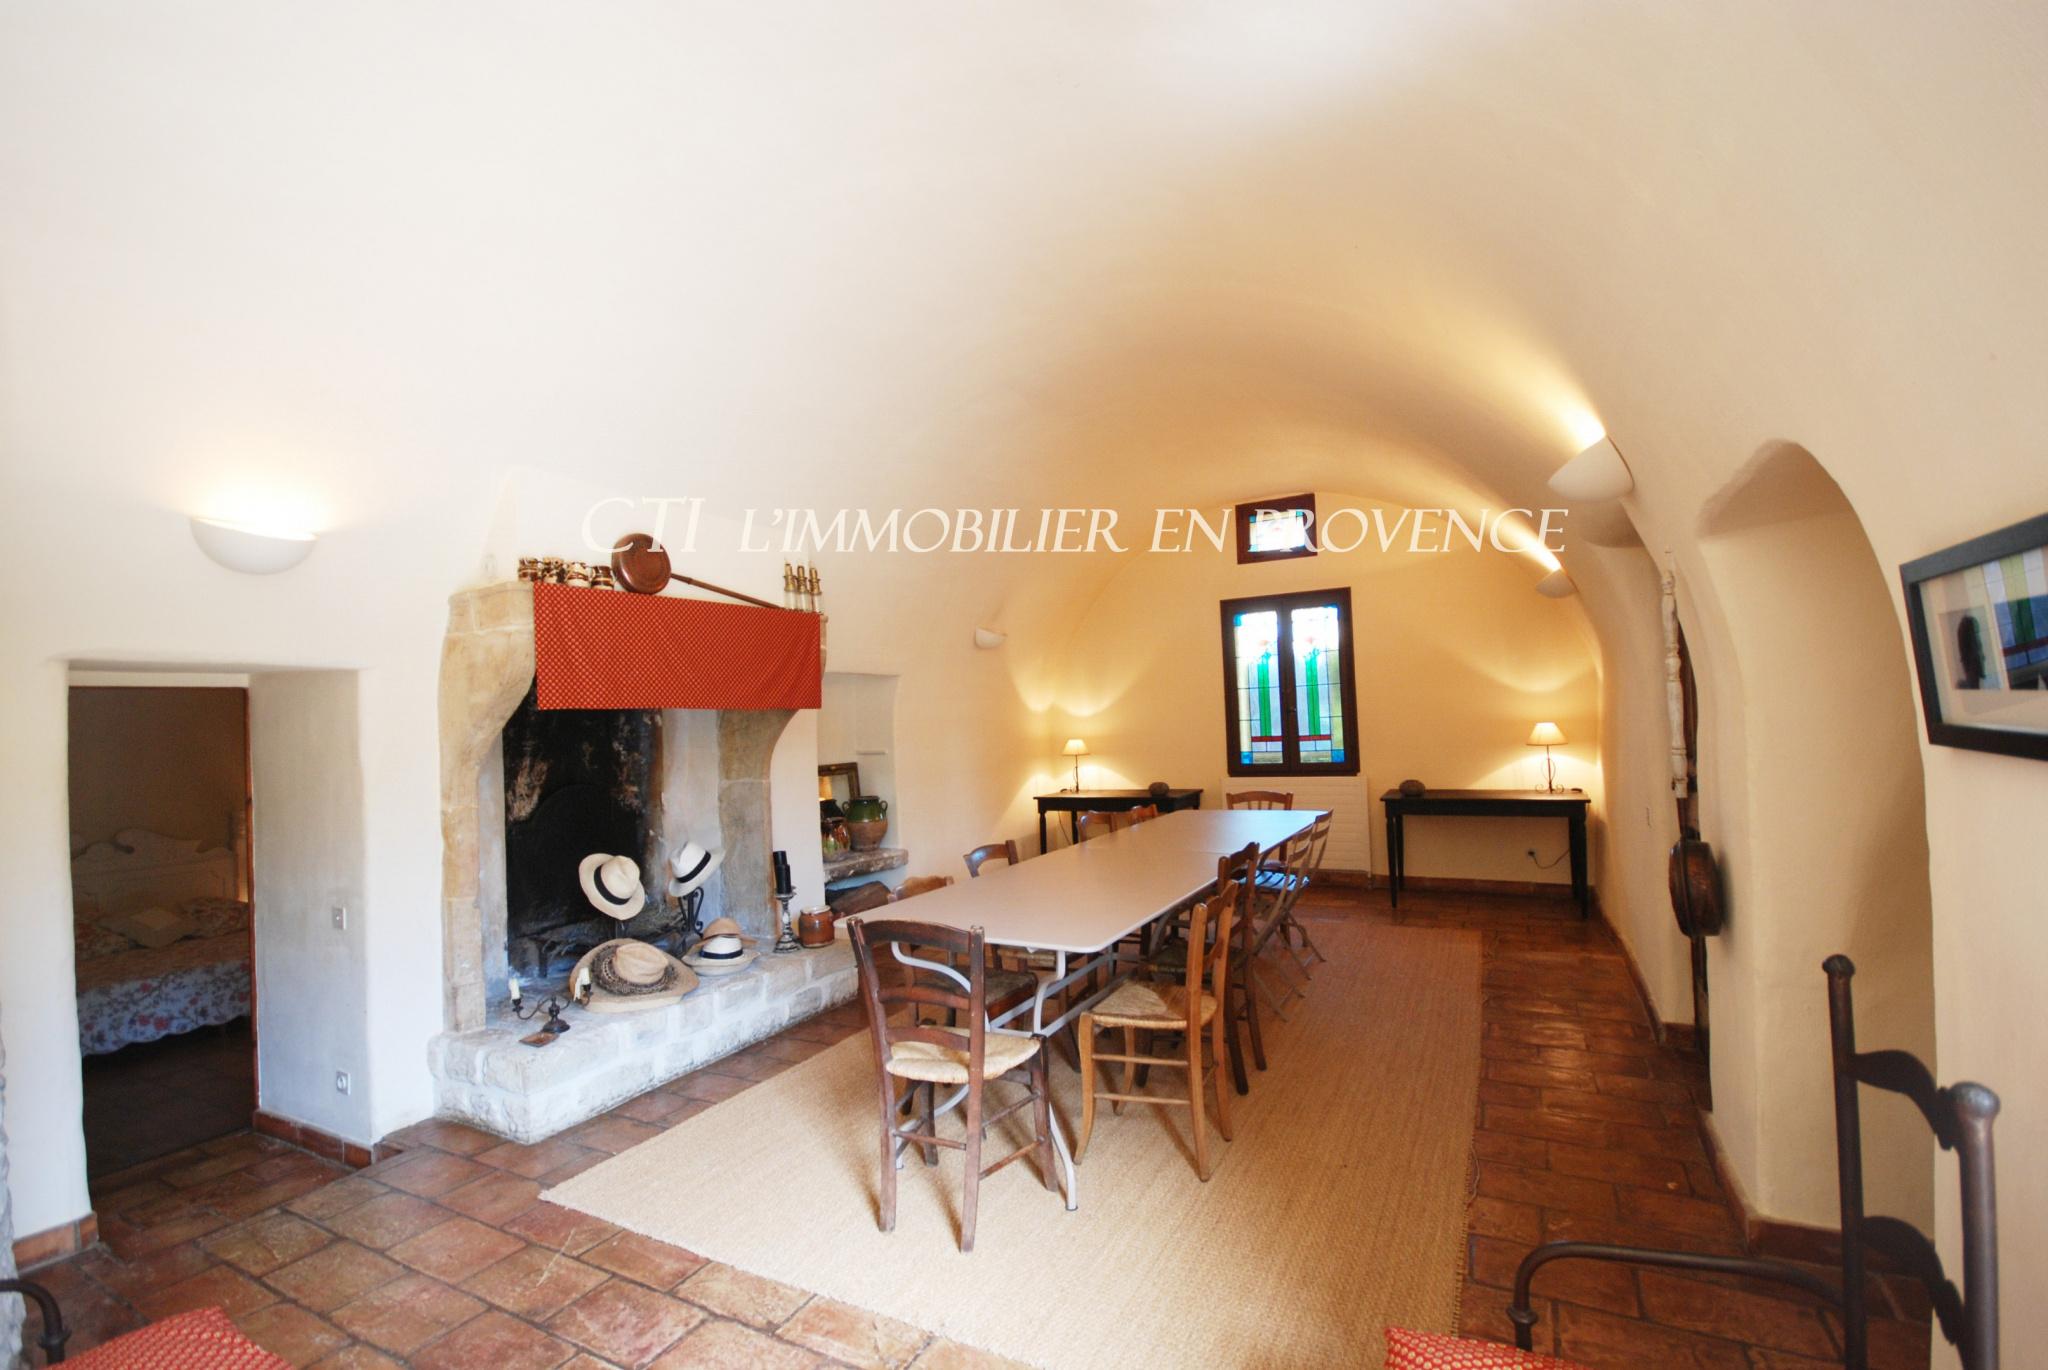 0 www.cti-provence.net, demeure de prestige, charme, centre-ville, piscine, matériaux authent